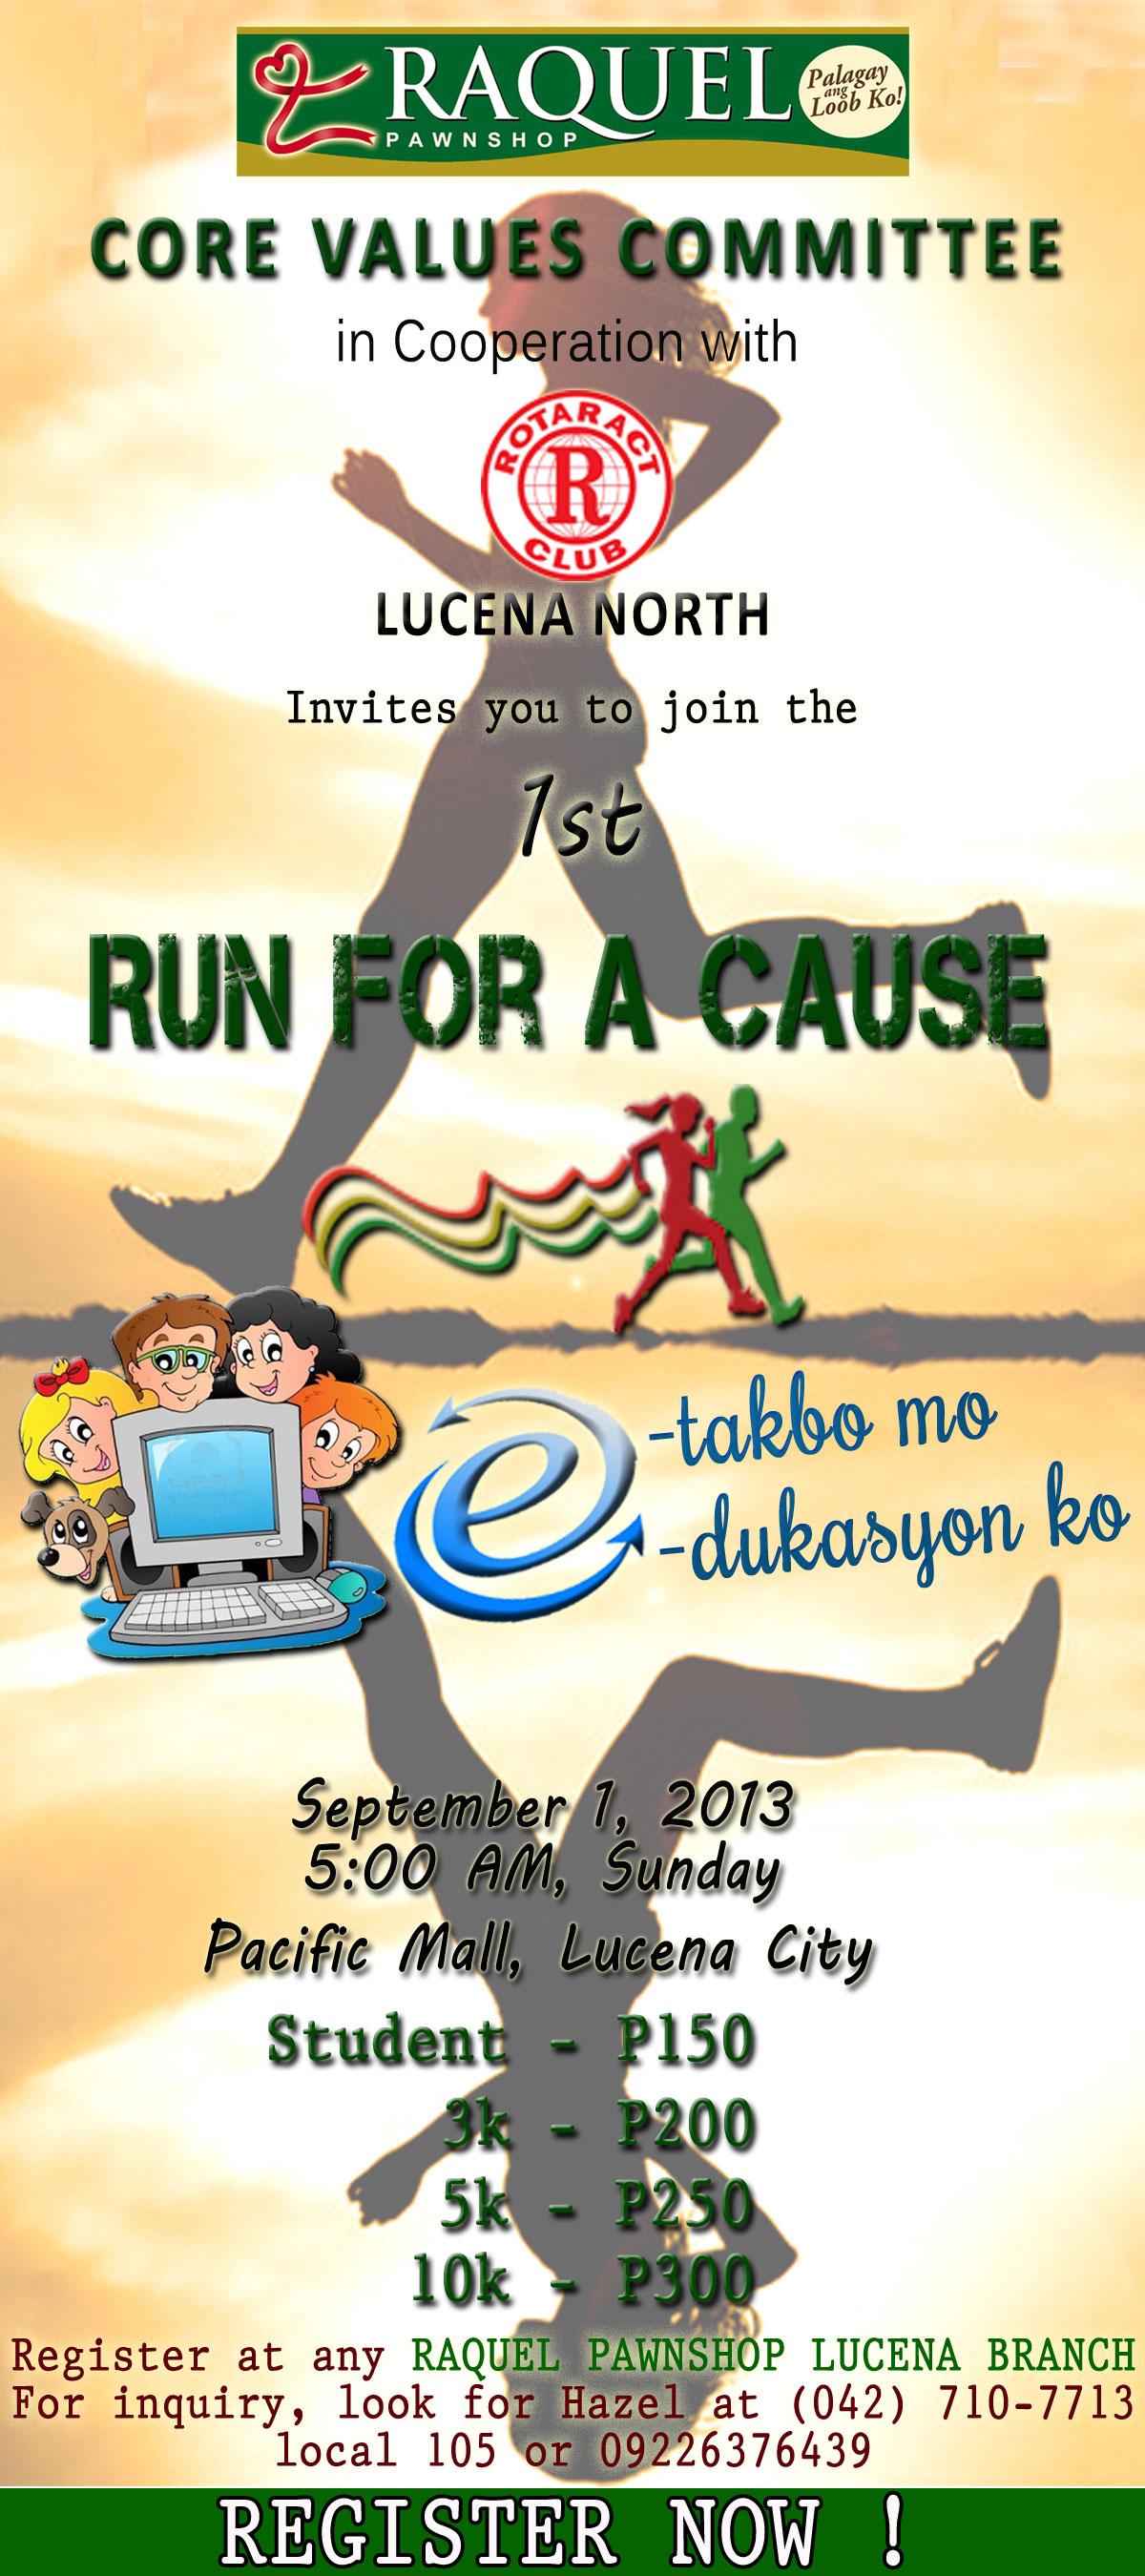 e-takbo-mo-e-dukasyon-ko-2013-poster